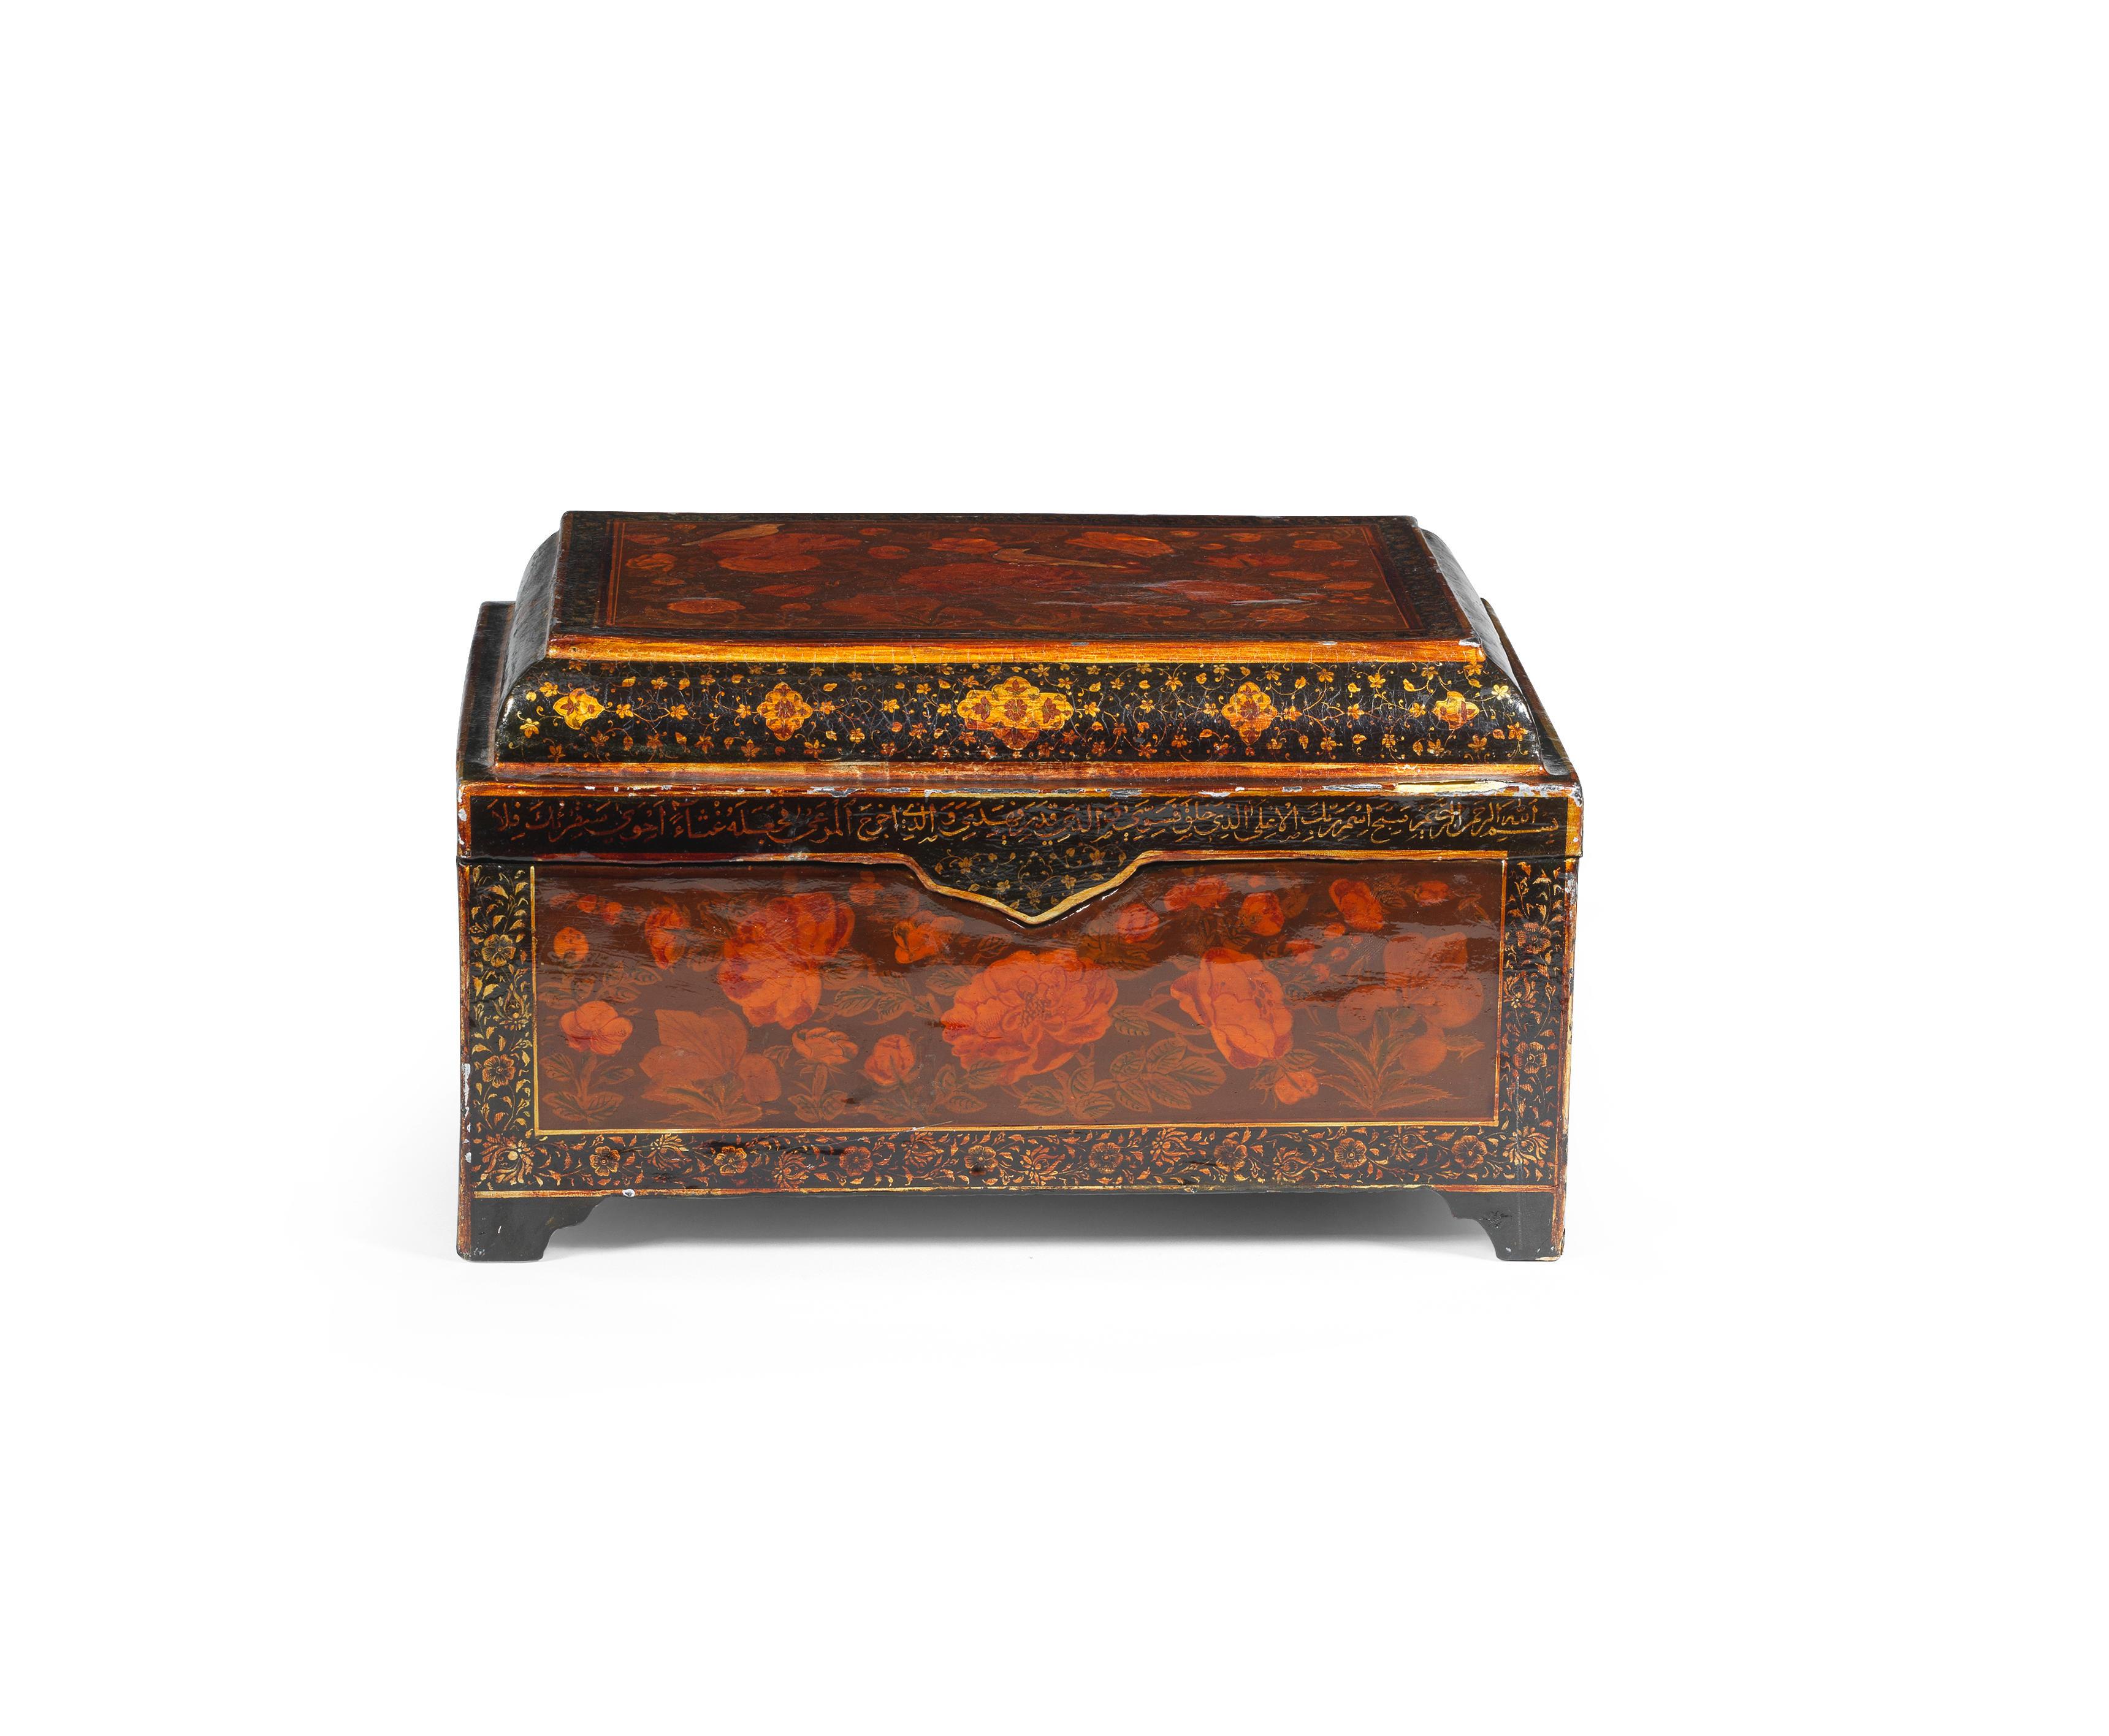 A Qajar lacquer box Persia, 19th Century